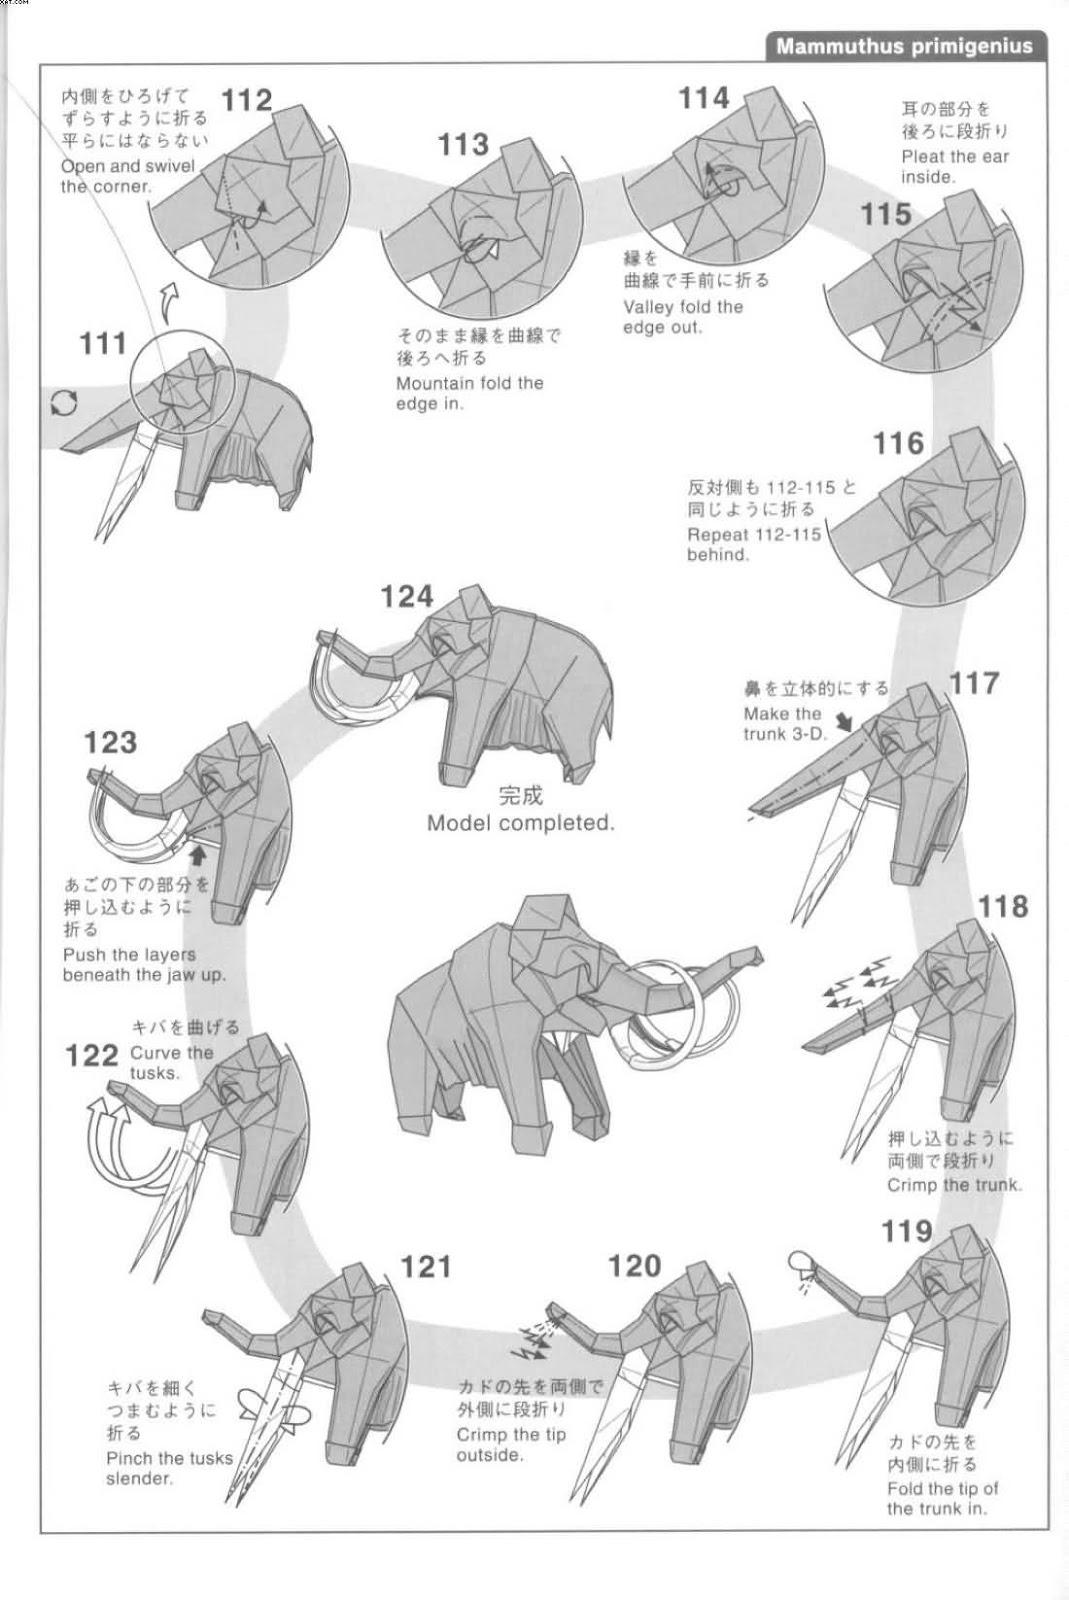 El Arte Del Origami Mammuthus Primigenius